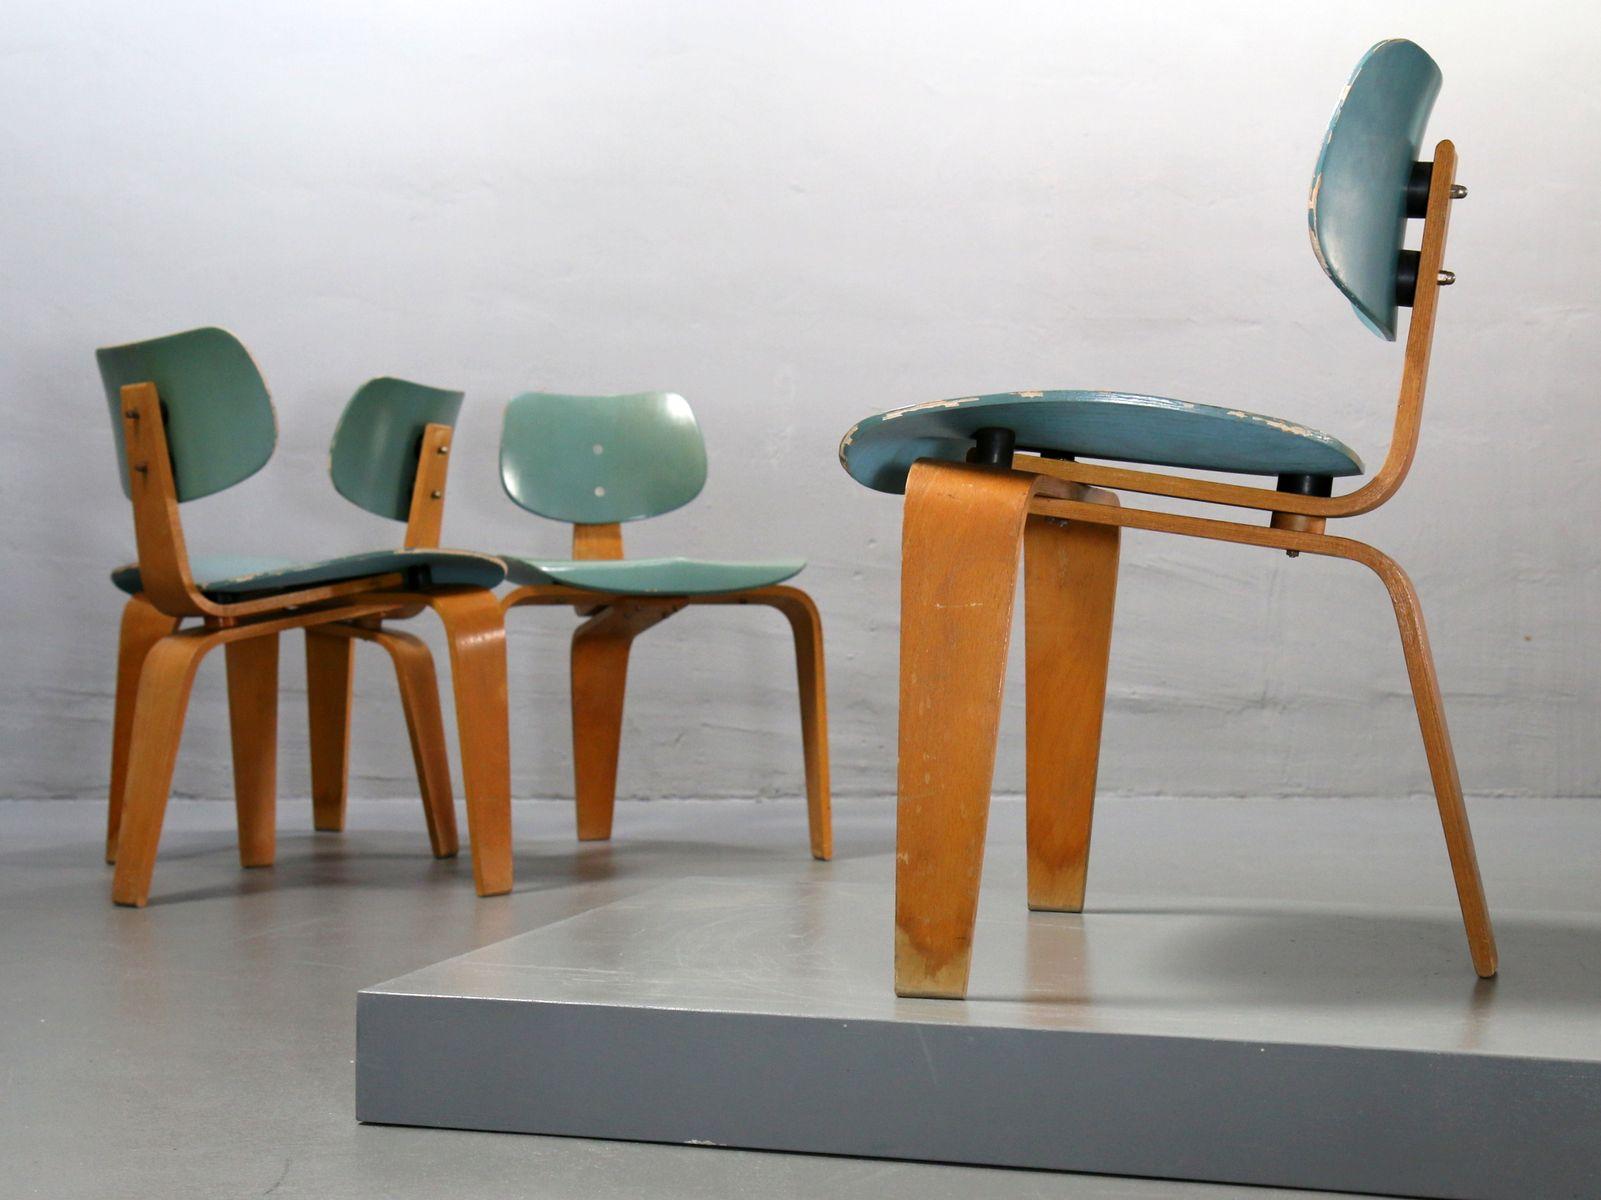 vintage tisch st hle von egon eiermann f r spieth holztechnik 5er set bei pamono kaufen. Black Bedroom Furniture Sets. Home Design Ideas